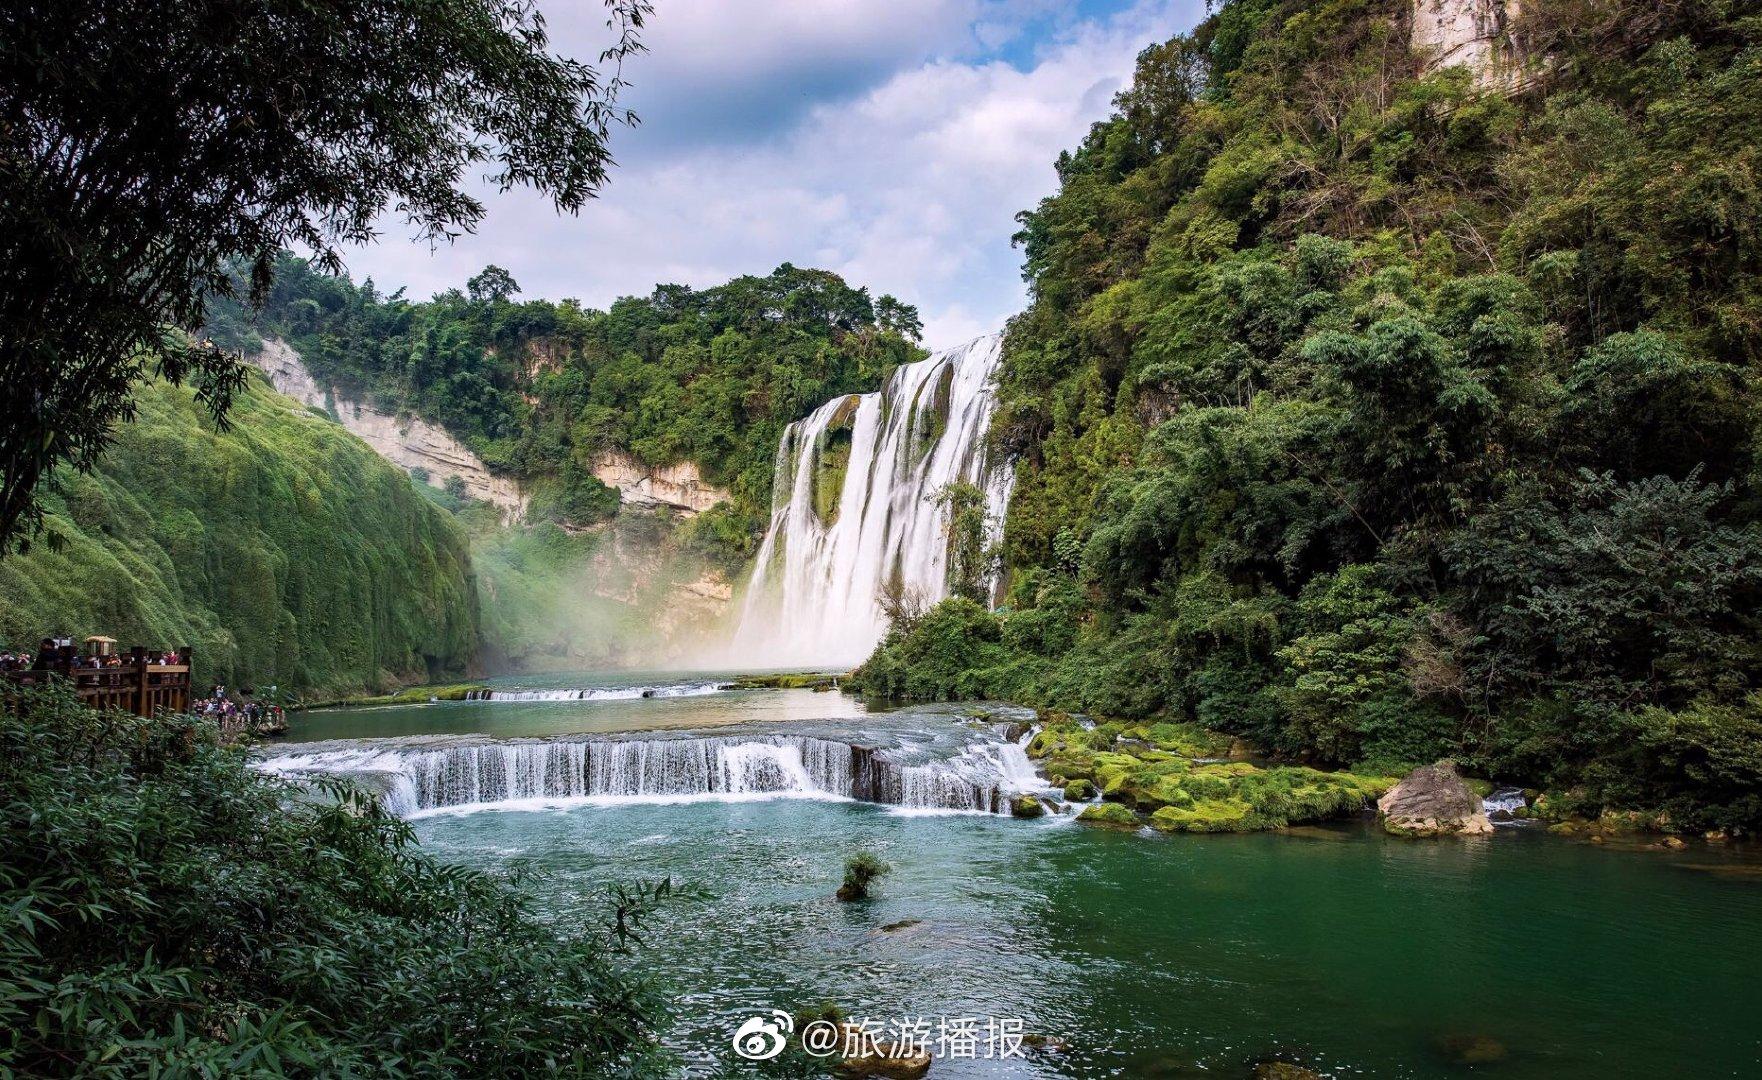 黄果树瀑布是中国最大的瀑布,它周围岩溶广布,河宽水急,山峦叠嶂